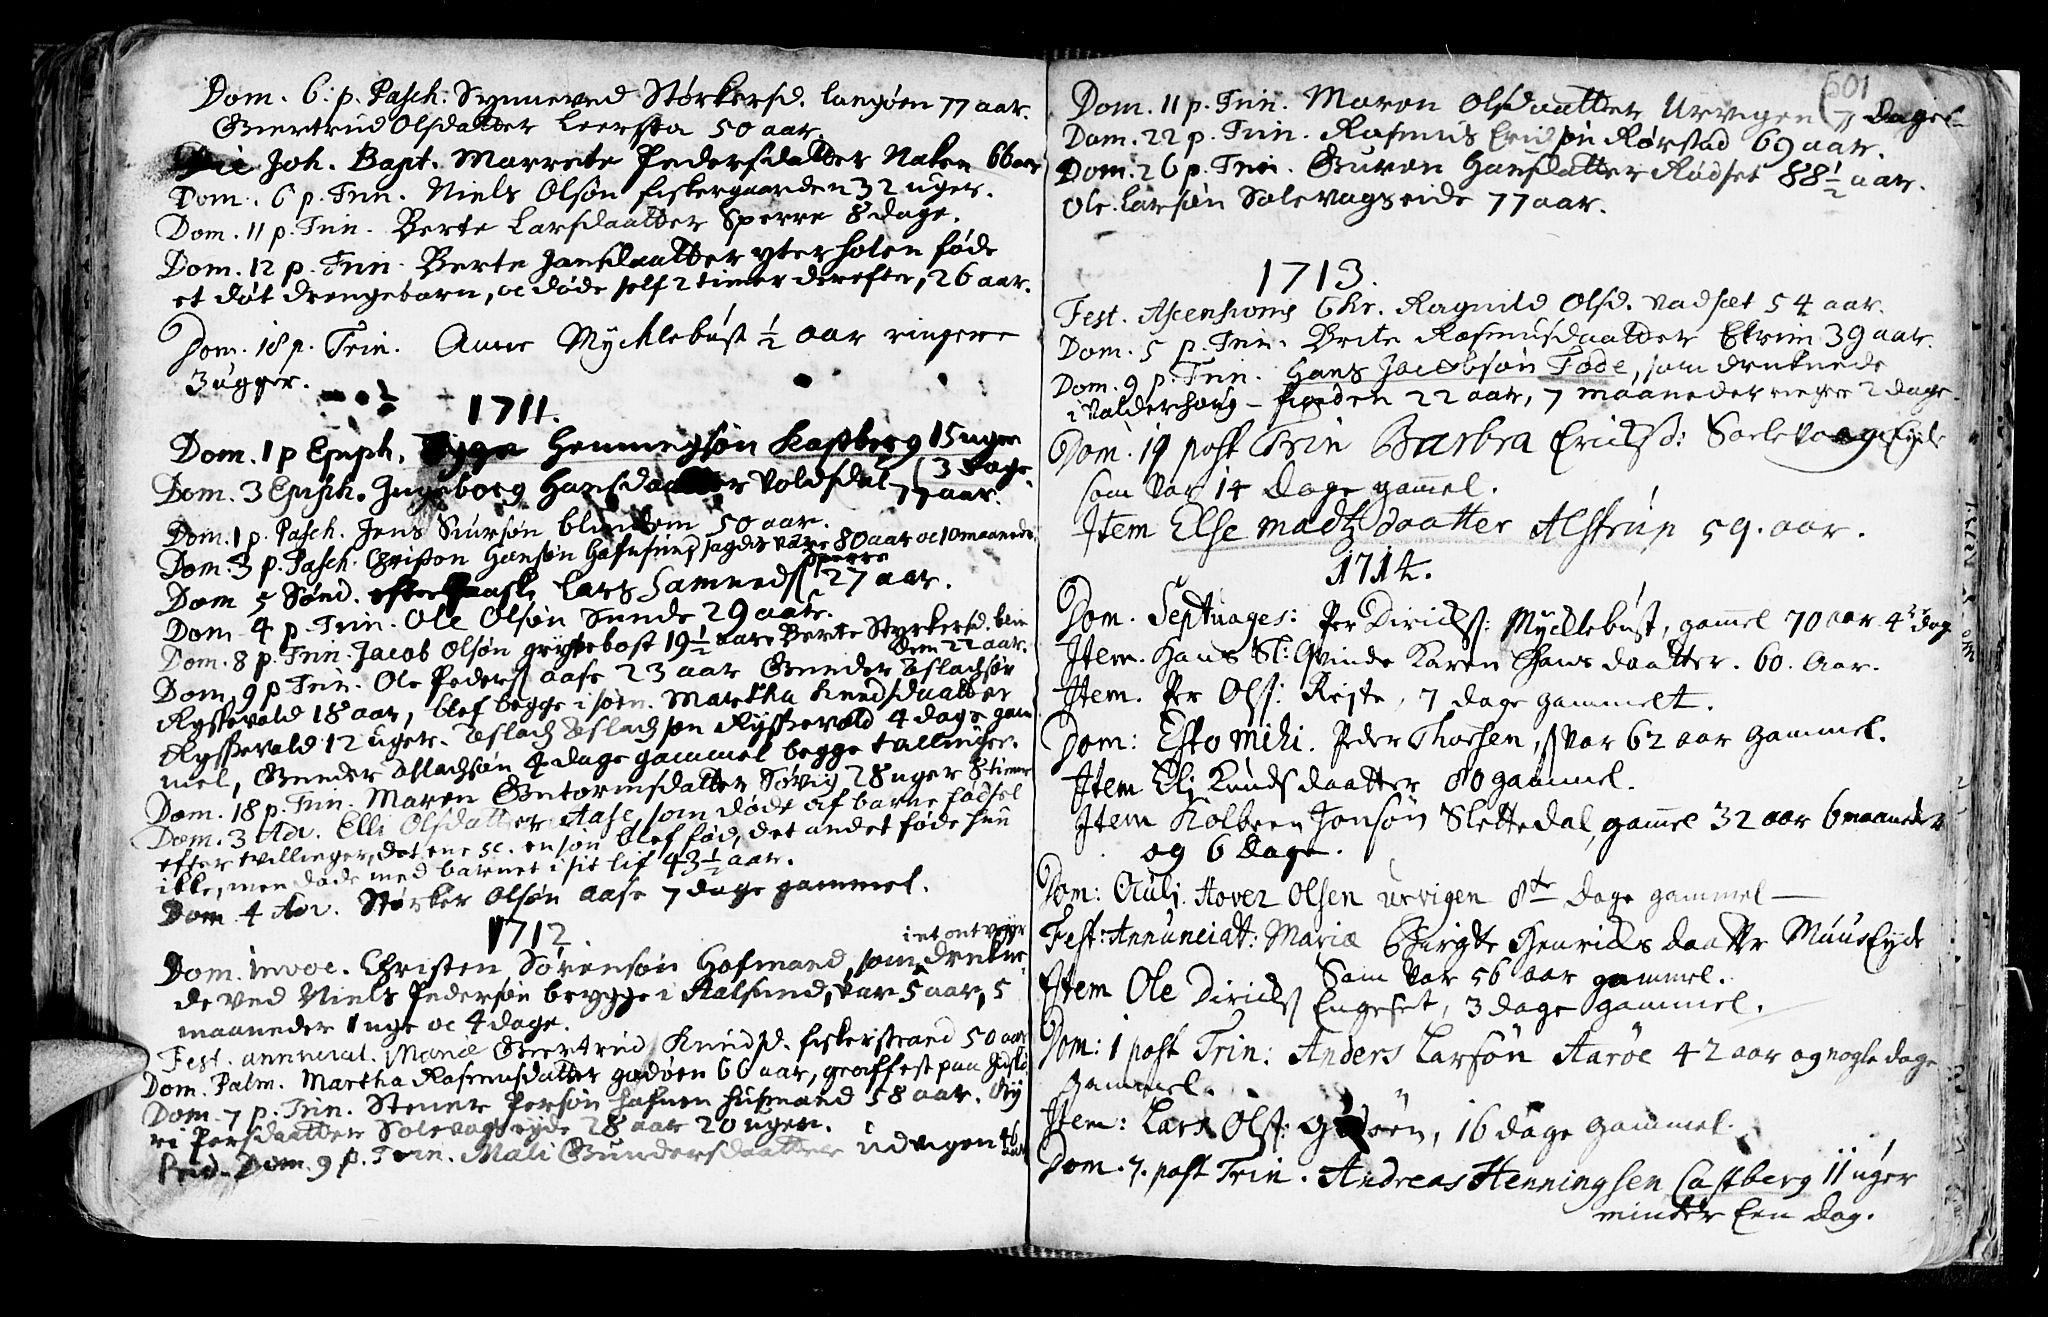 SAT, Ministerialprotokoller, klokkerbøker og fødselsregistre - Møre og Romsdal, 528/L0390: Ministerialbok nr. 528A01, 1698-1739, s. 500-501